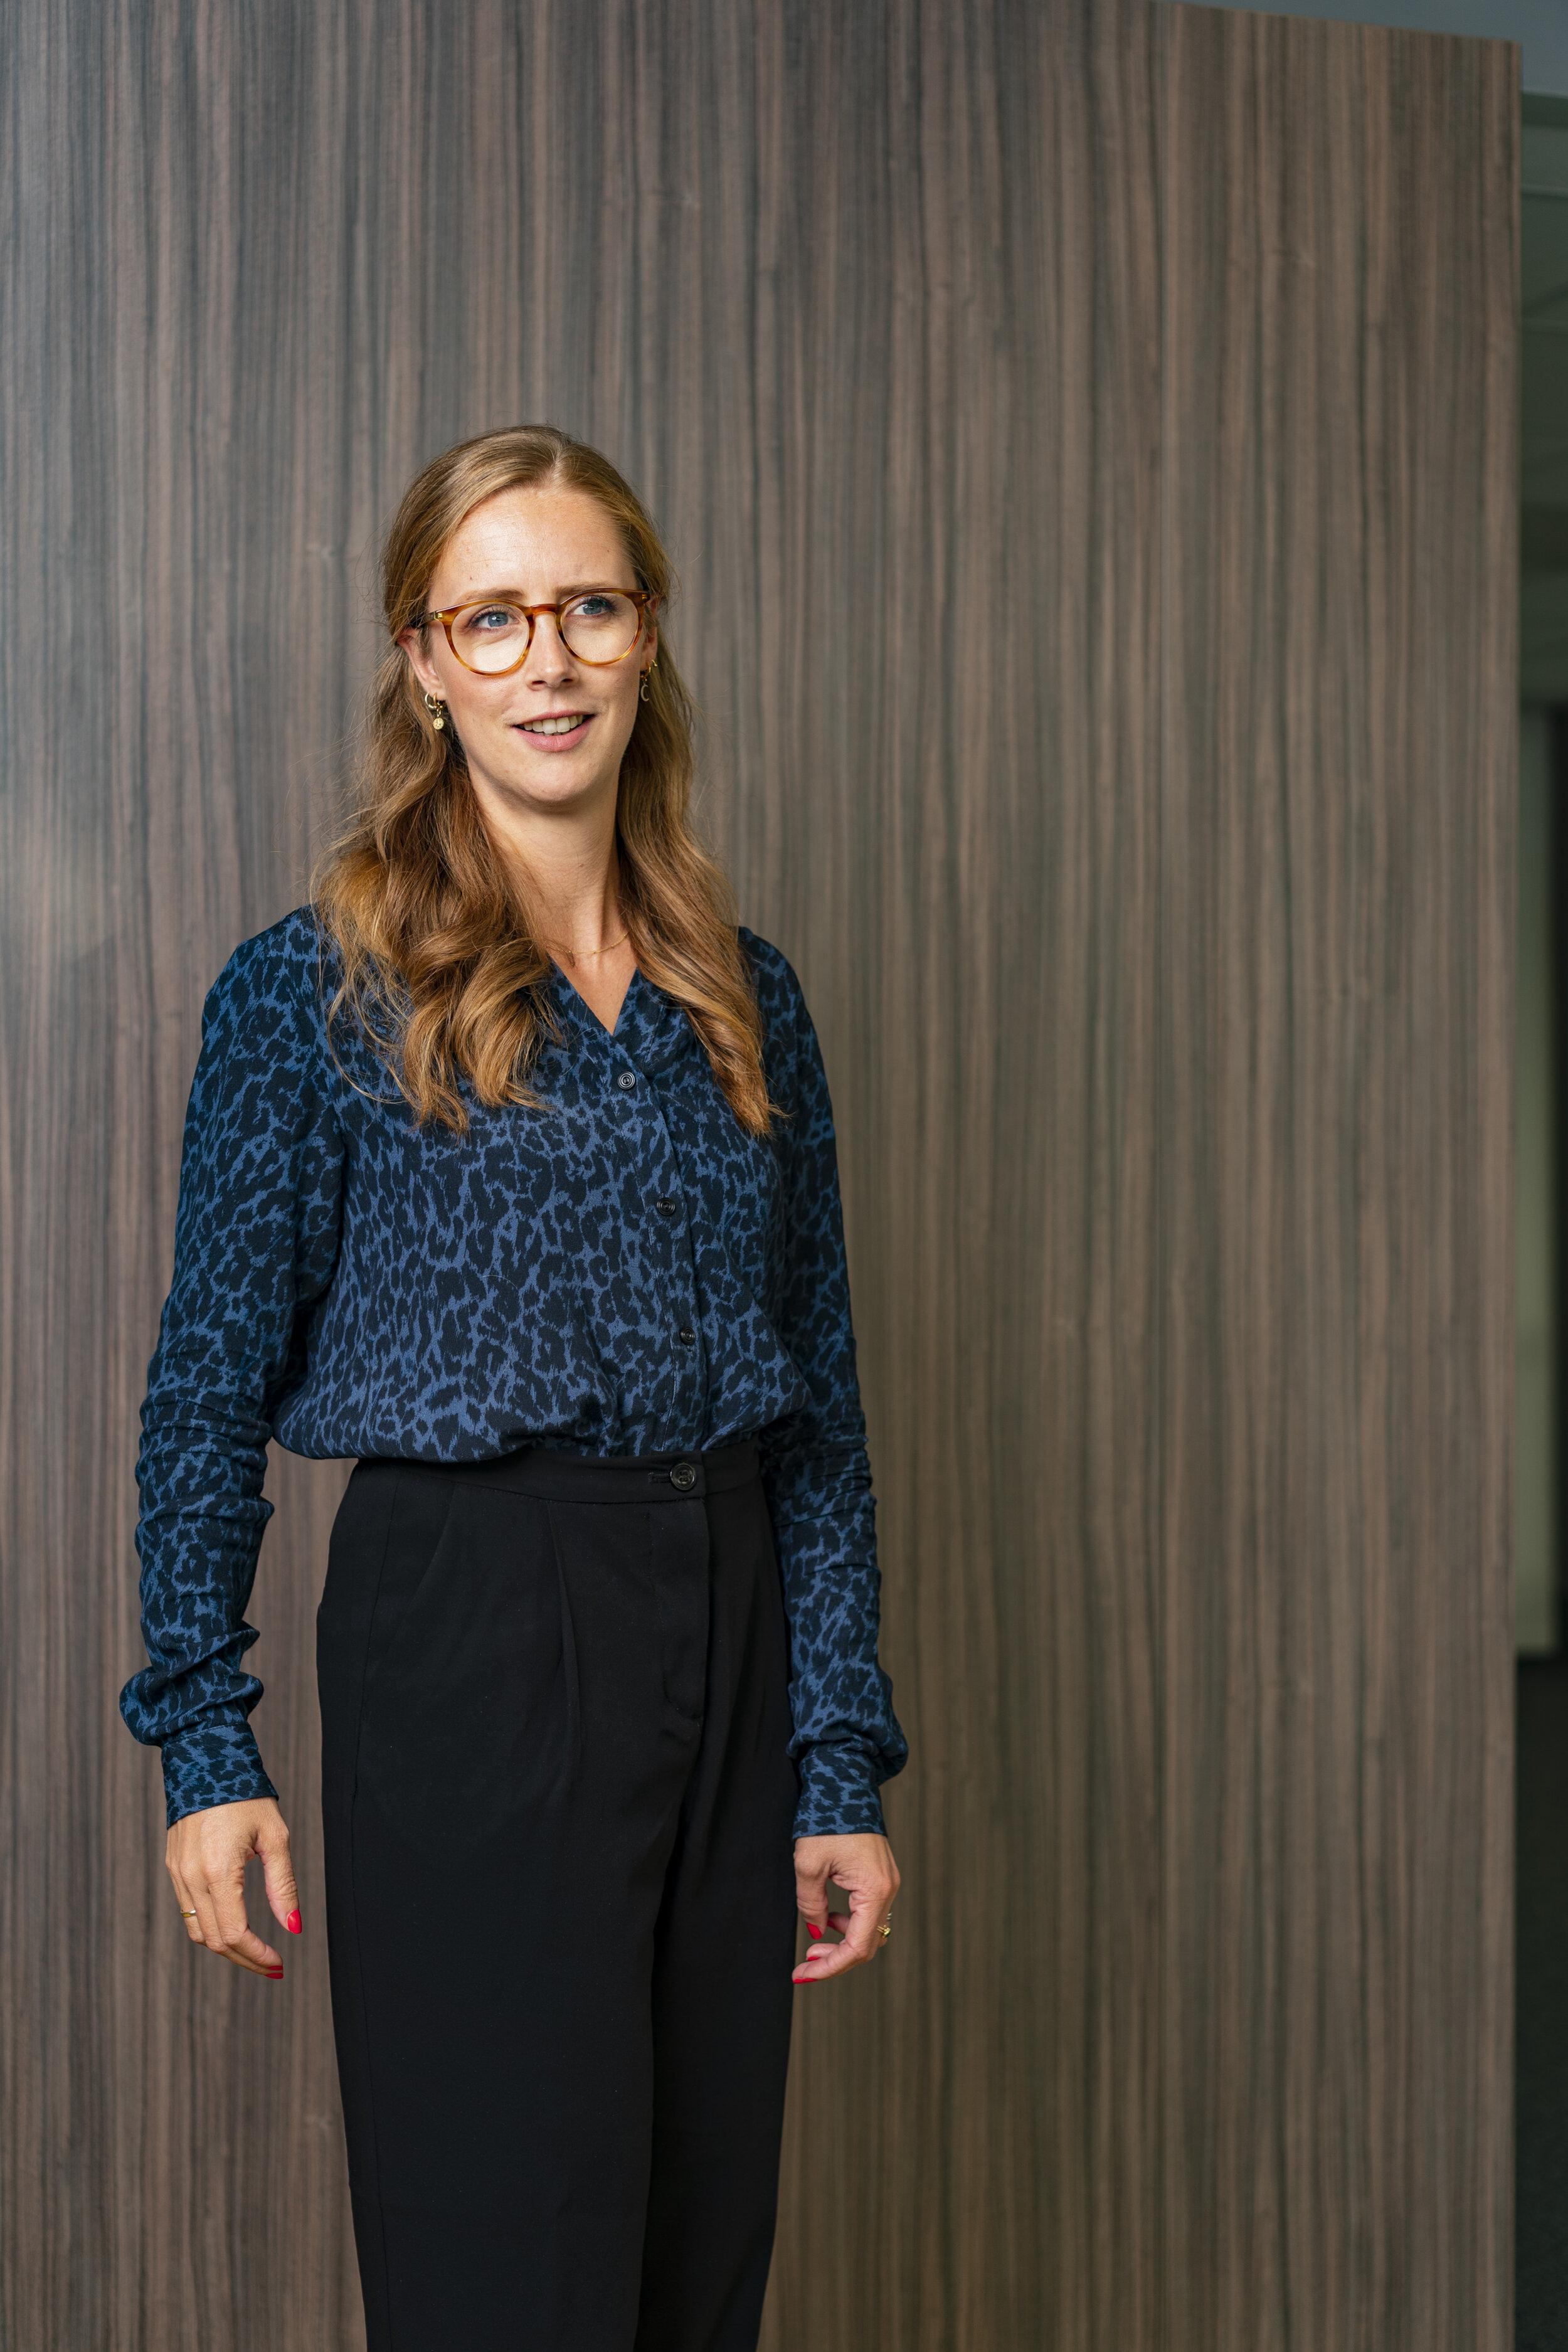 Corina van der Hulst